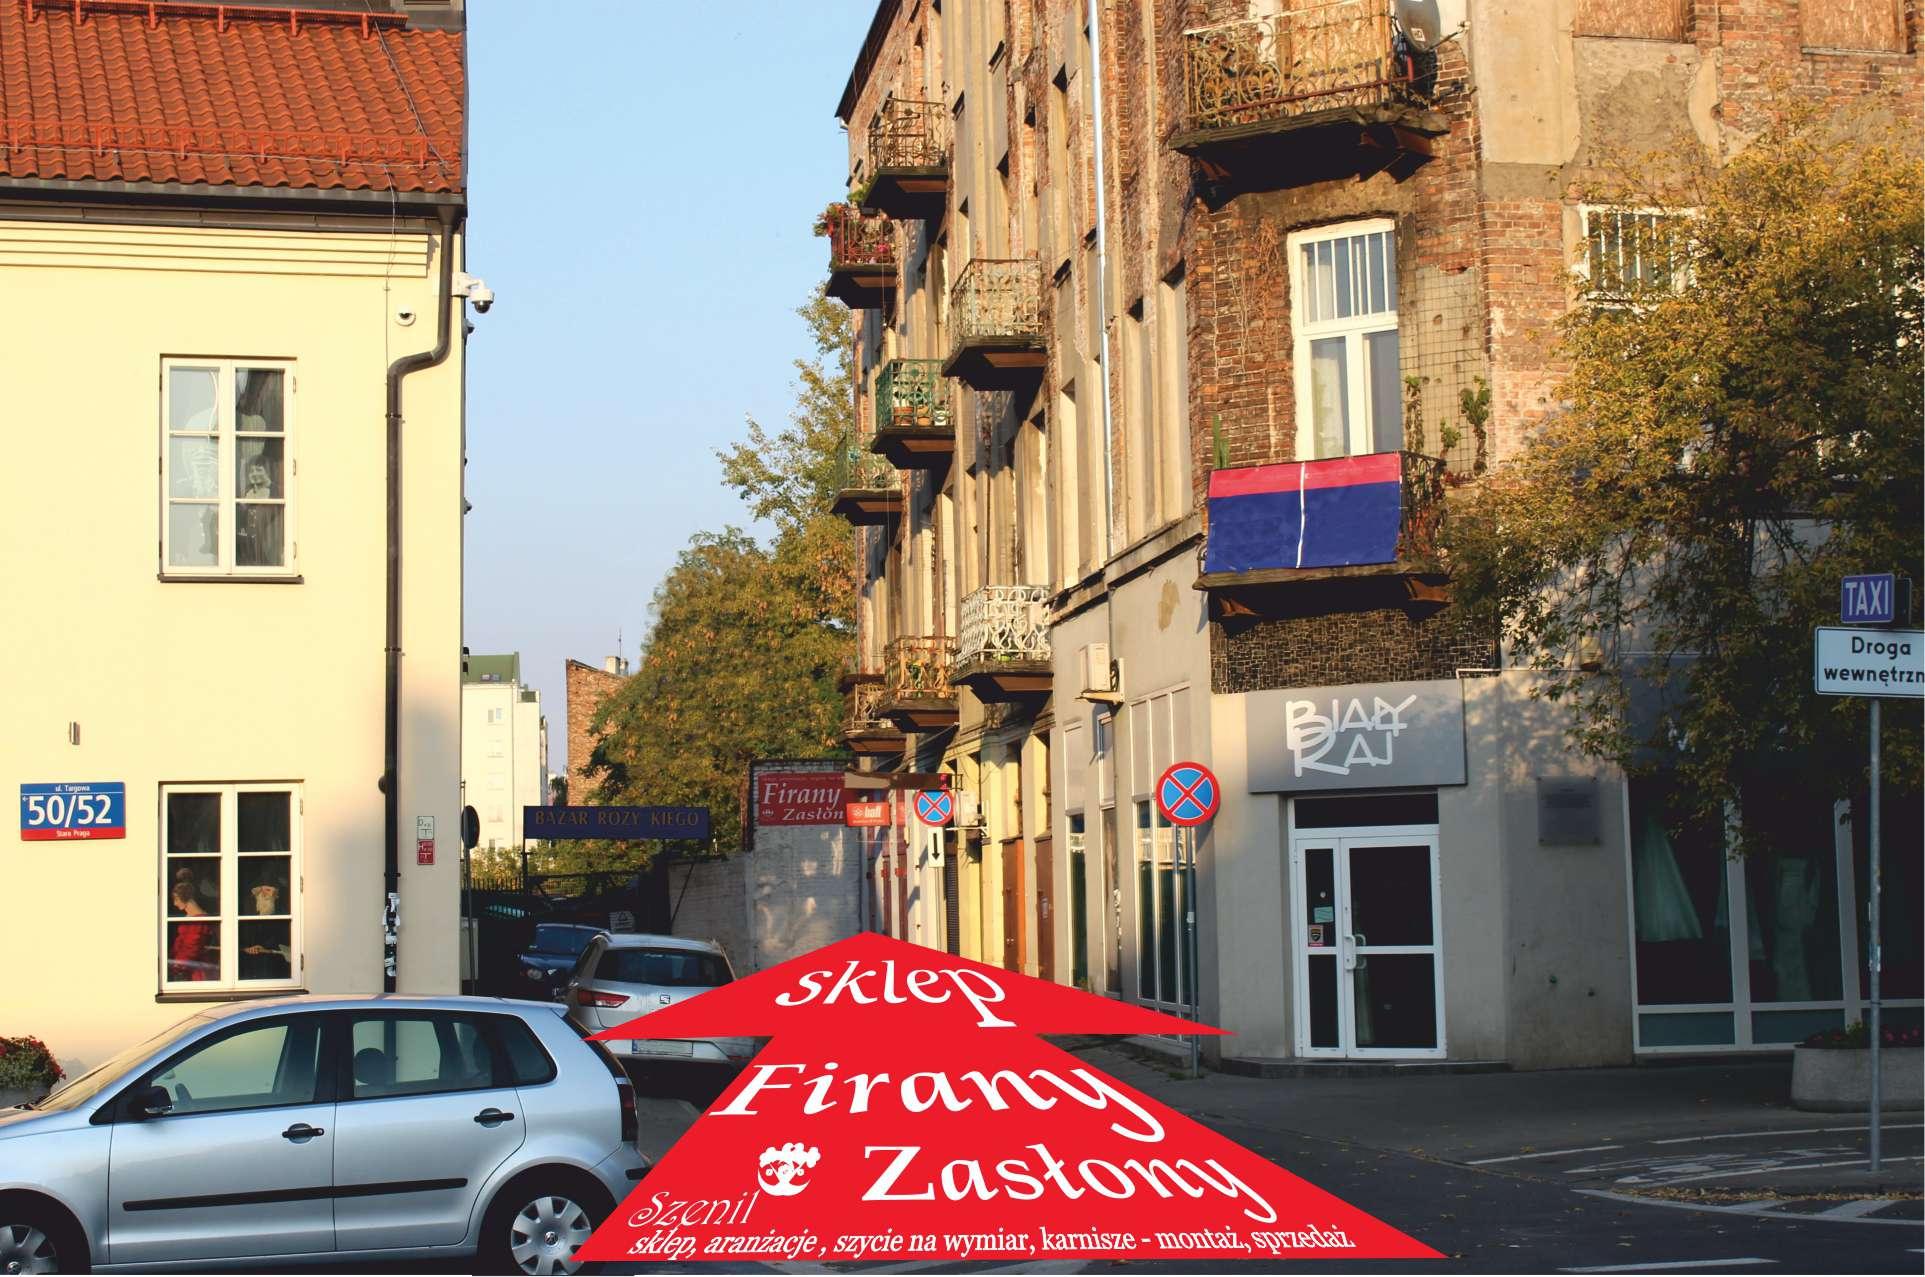 Adres sklepu: Targowa 50, Warszawa wejście na Bazar Różyckiego przy Muzeum Pragi - Targowa 50/52